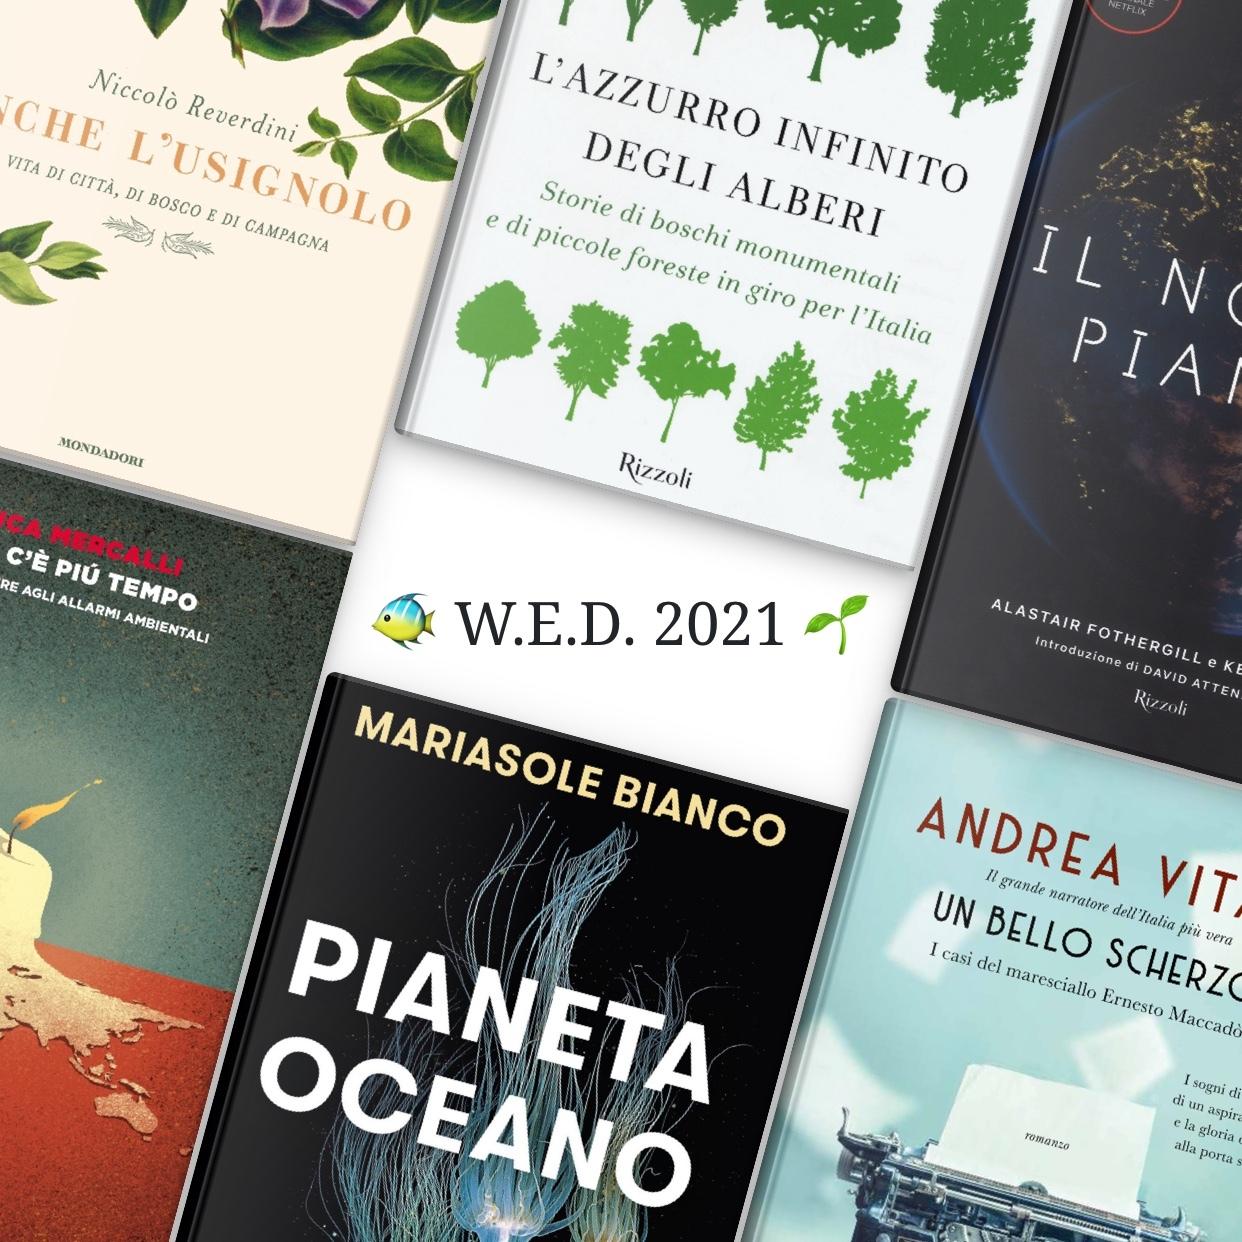 Giornata Mondiale dell'Ambiente 2021: un libro per agire